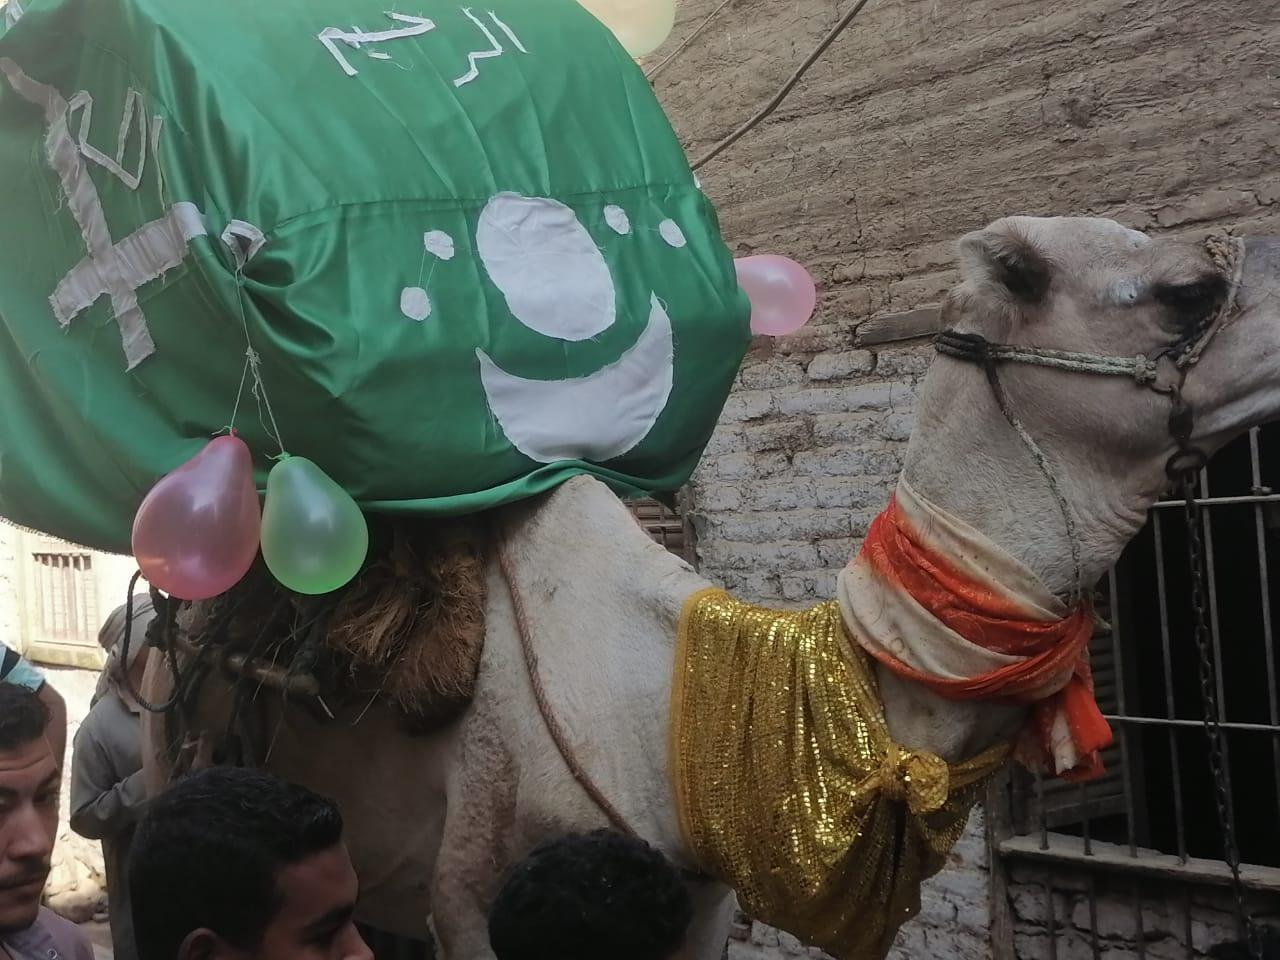 المئات من المسلمين والأقباط يحتفلون بالمولد النبوى (3)